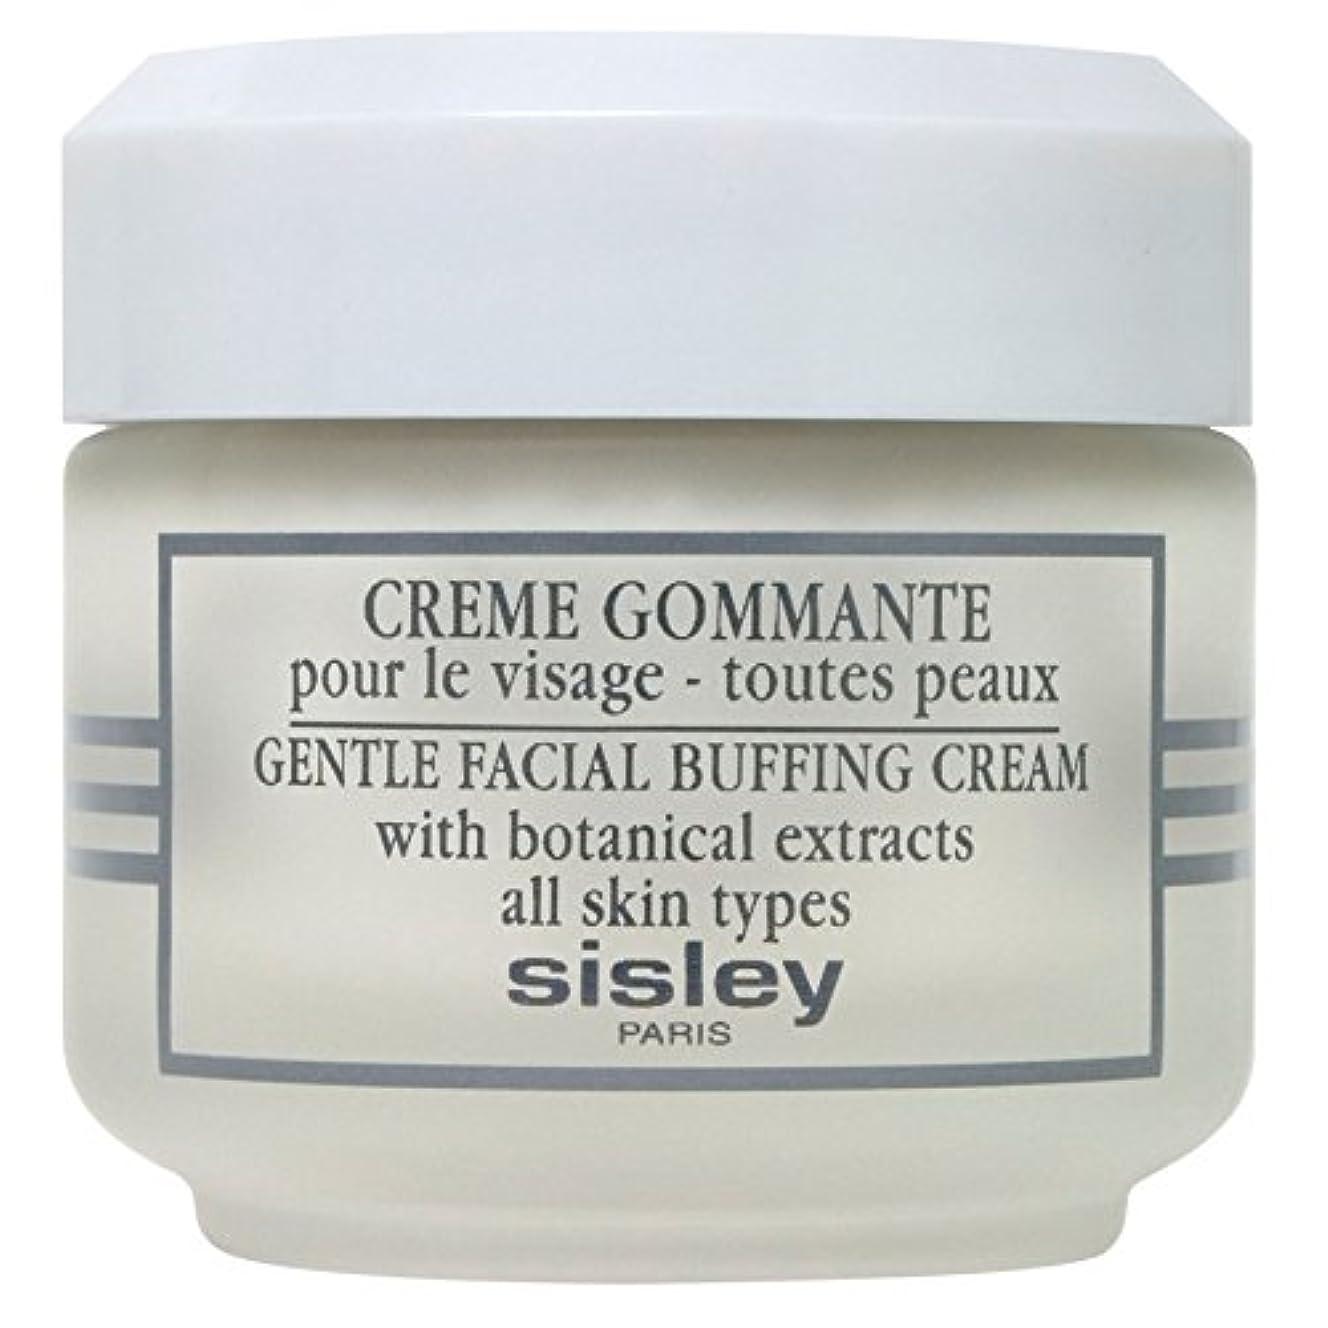 ブラウス追跡病気[Sisley] シスレー優しい顔のバフクリーム50Ml - Sisley Gentle Facial Buffing Cream 50ml [並行輸入品]